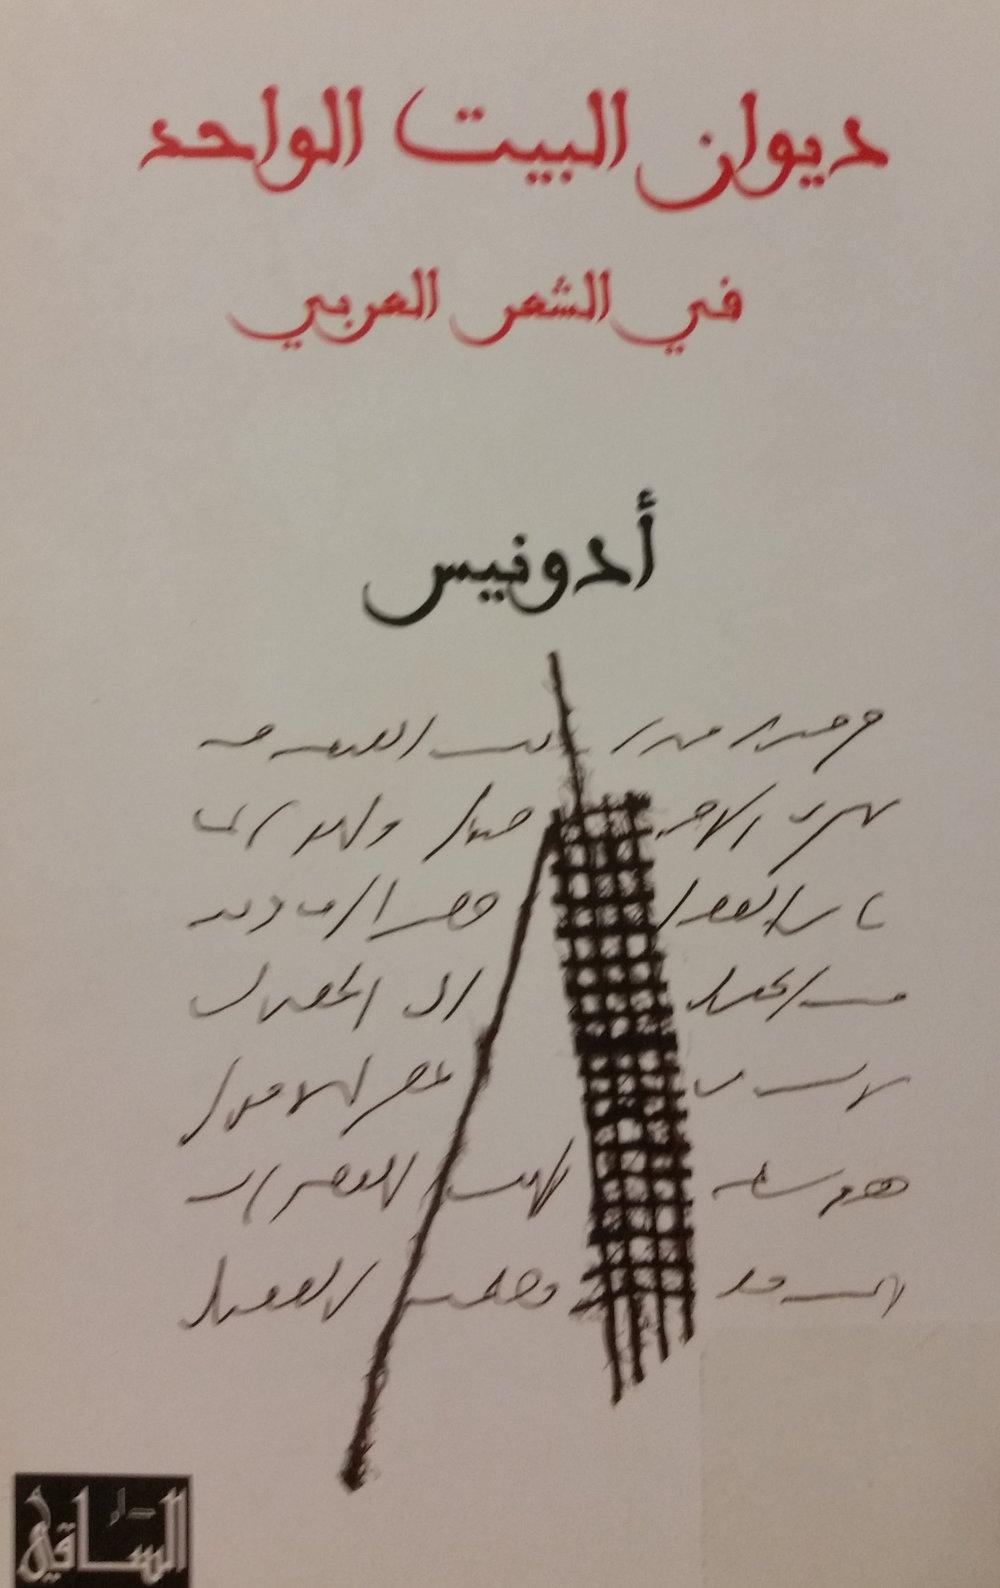 Dīwān al-bayt al-wāḥid fī al-shiʻr al-ʻArabī (Bayrūt: Dār al-Sāqī, 2010)